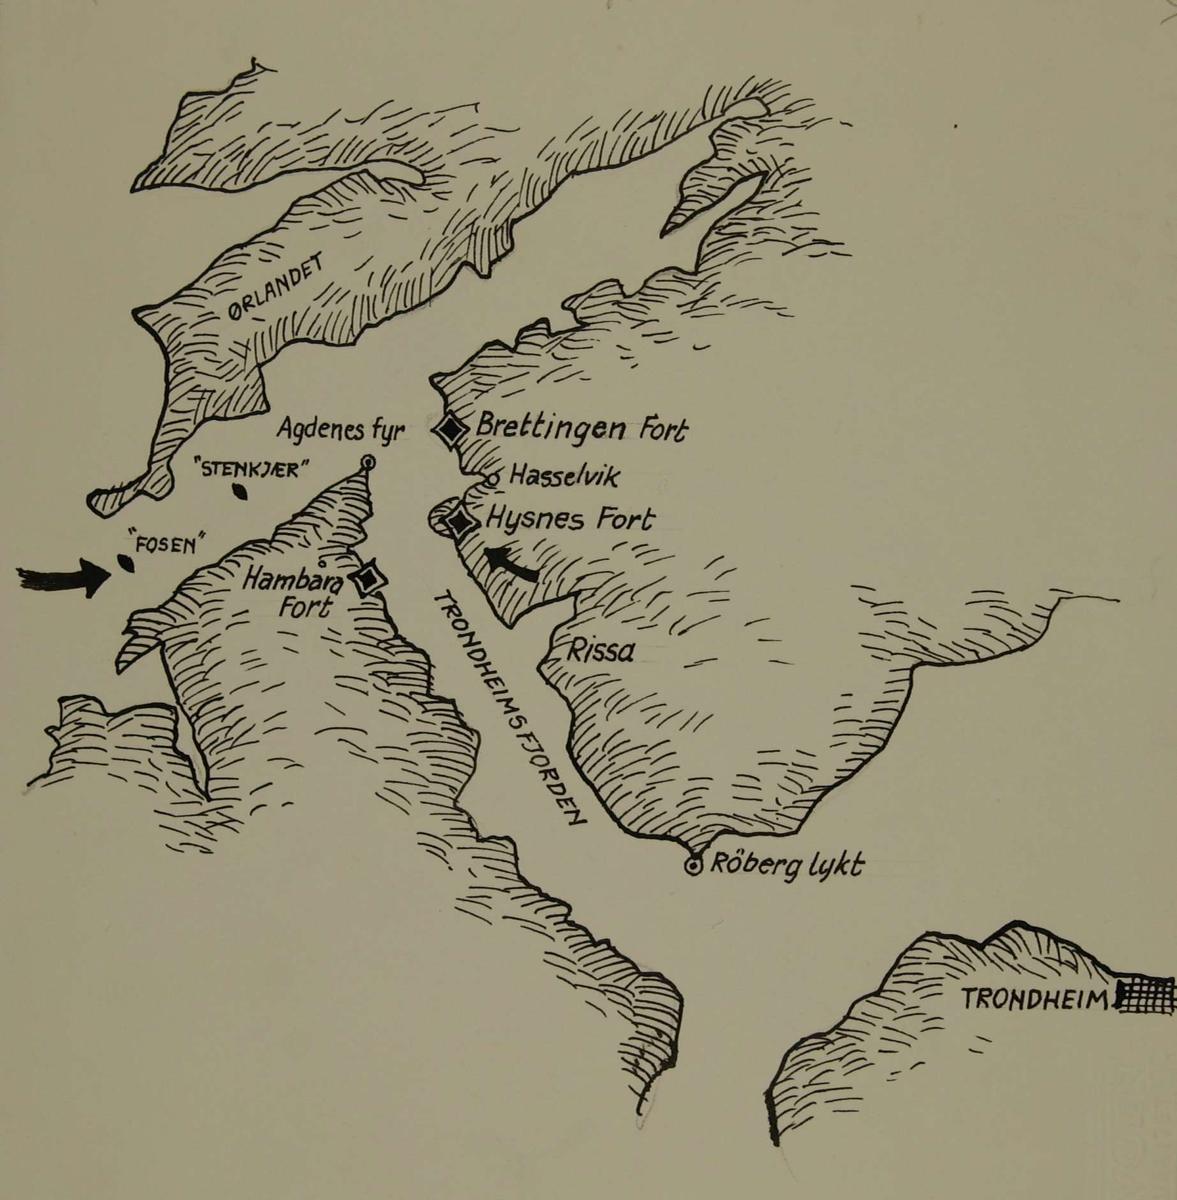 kart over agdenes Kart over området Agdenes   Brettingen fort   Trondheimsfjorden  kart over agdenes